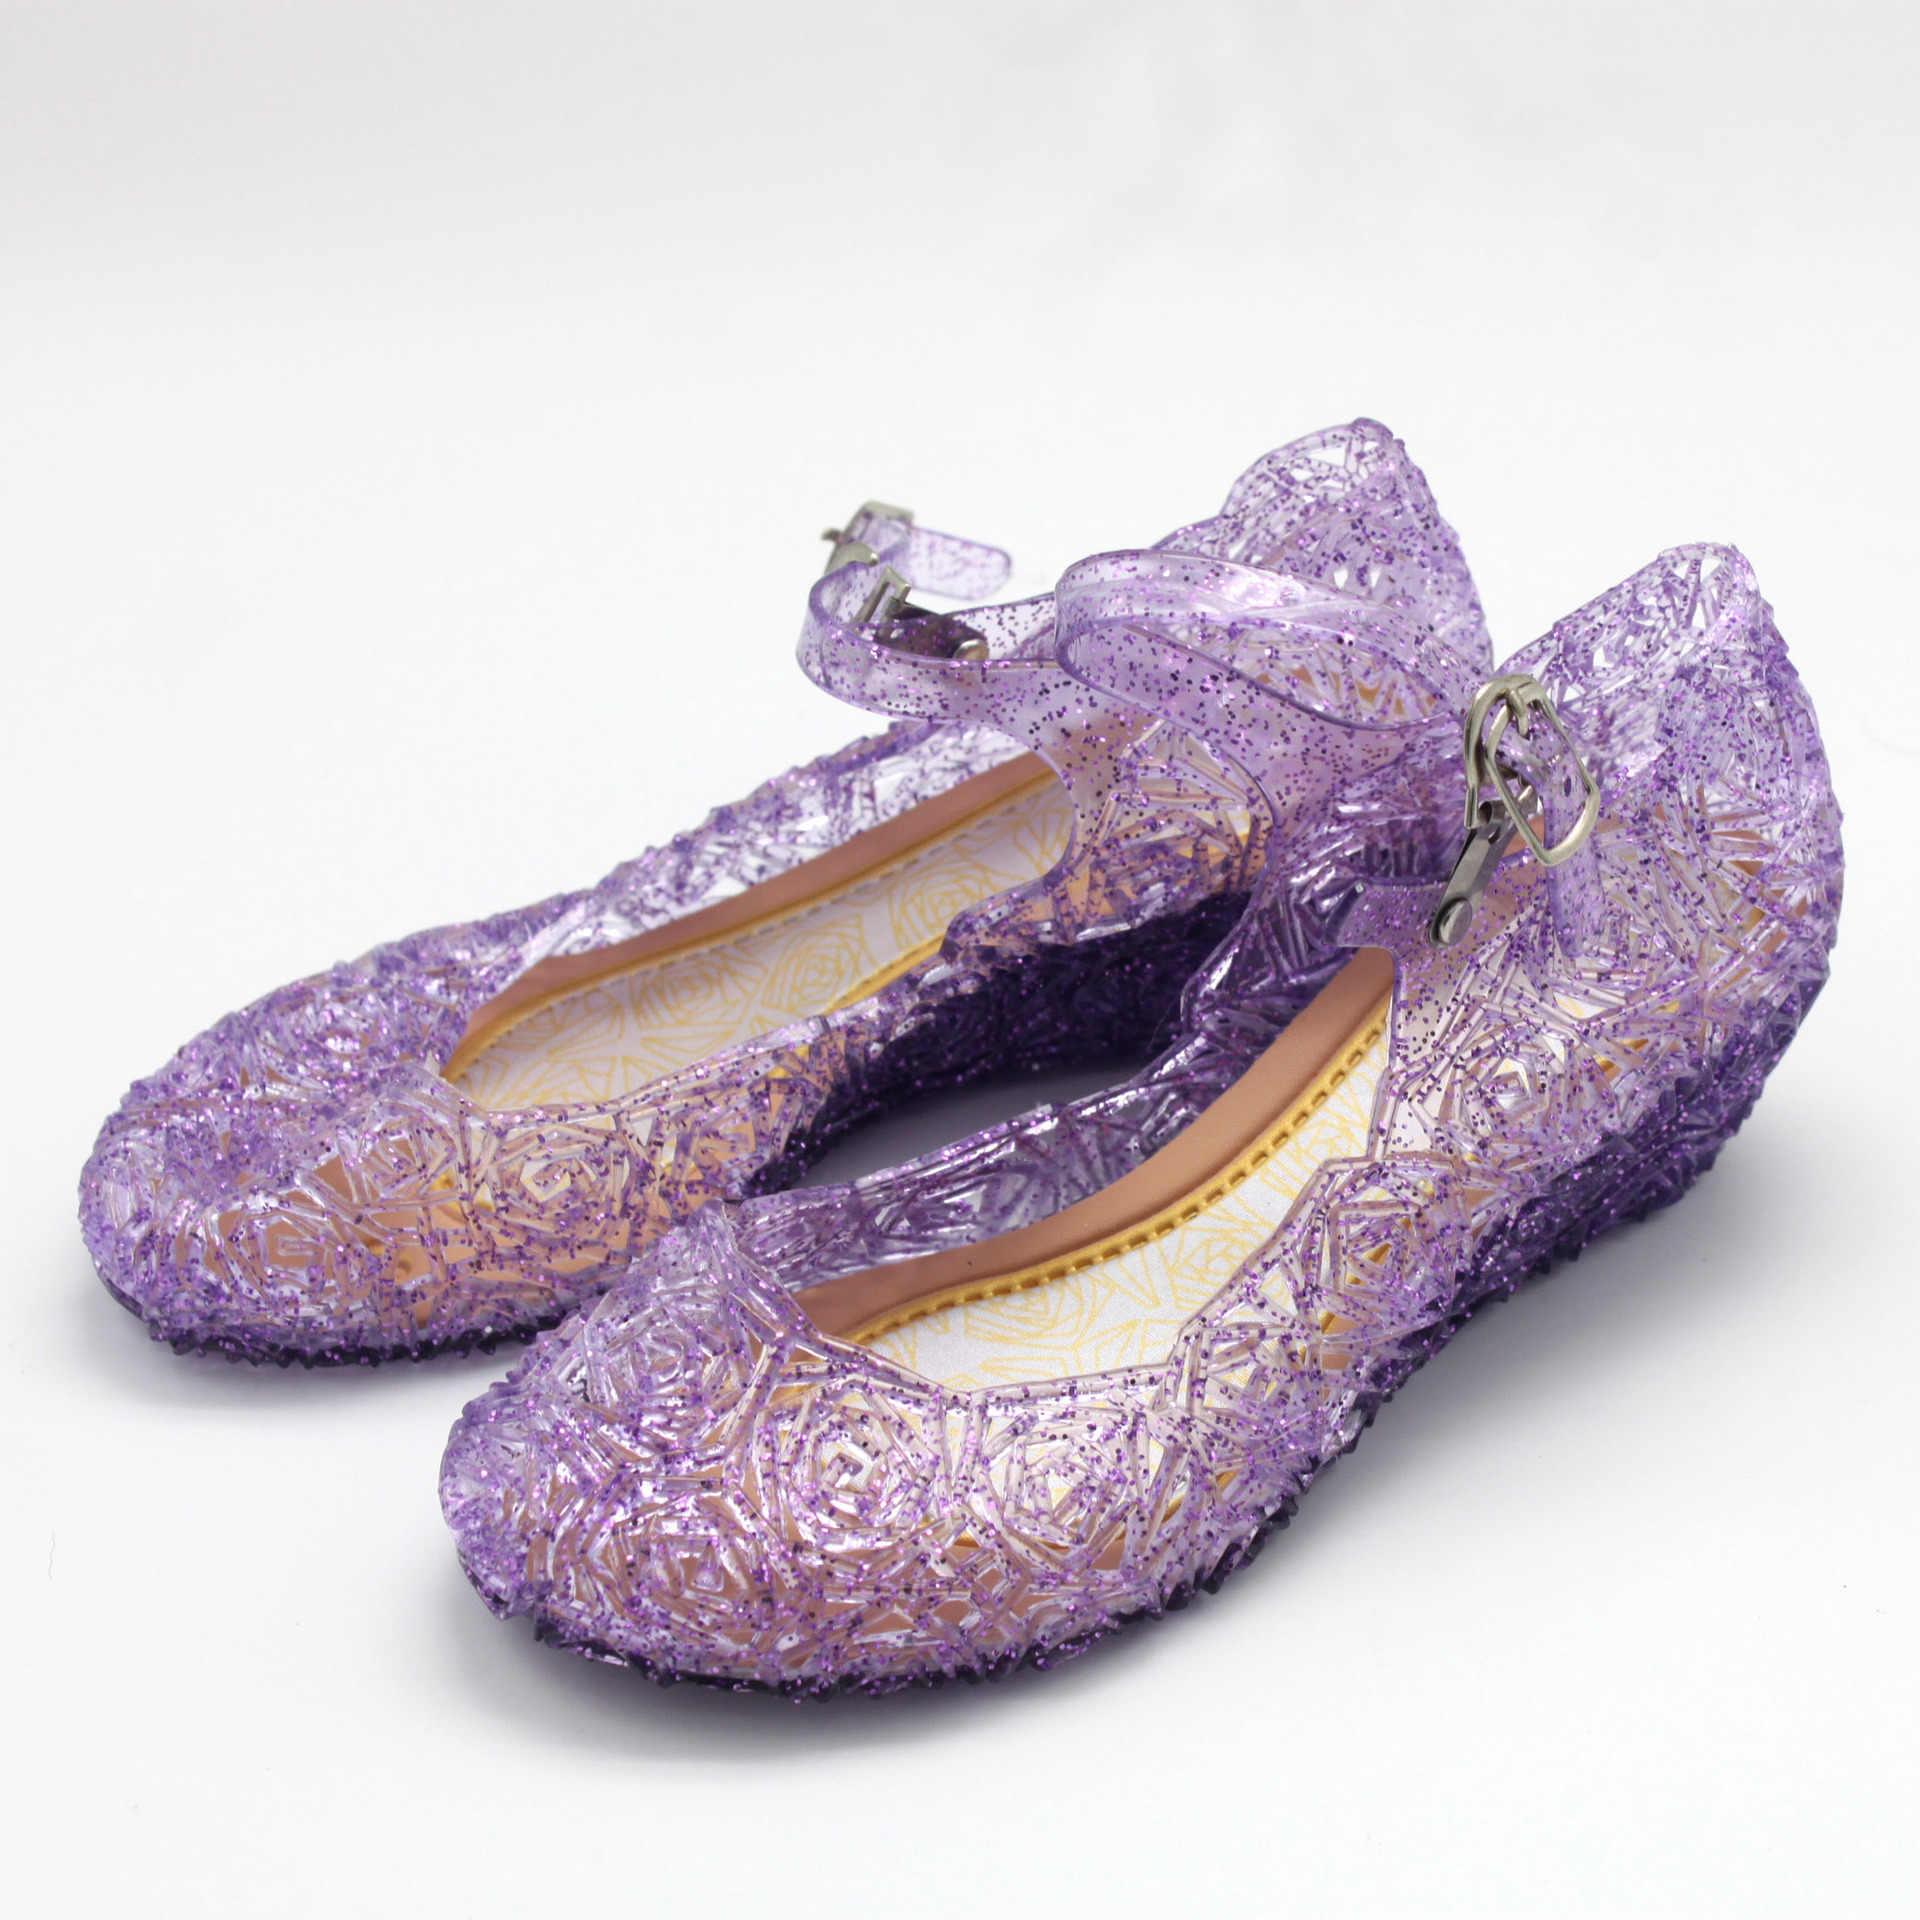 Công Chúa Anna Elsa Giày Giày Cinderella Pha Lê Trang Phục Giày Bé Gái Trang Phục Hóa Trang Xăng Đan Hóa Trang Halloween miễn phí giao hàng